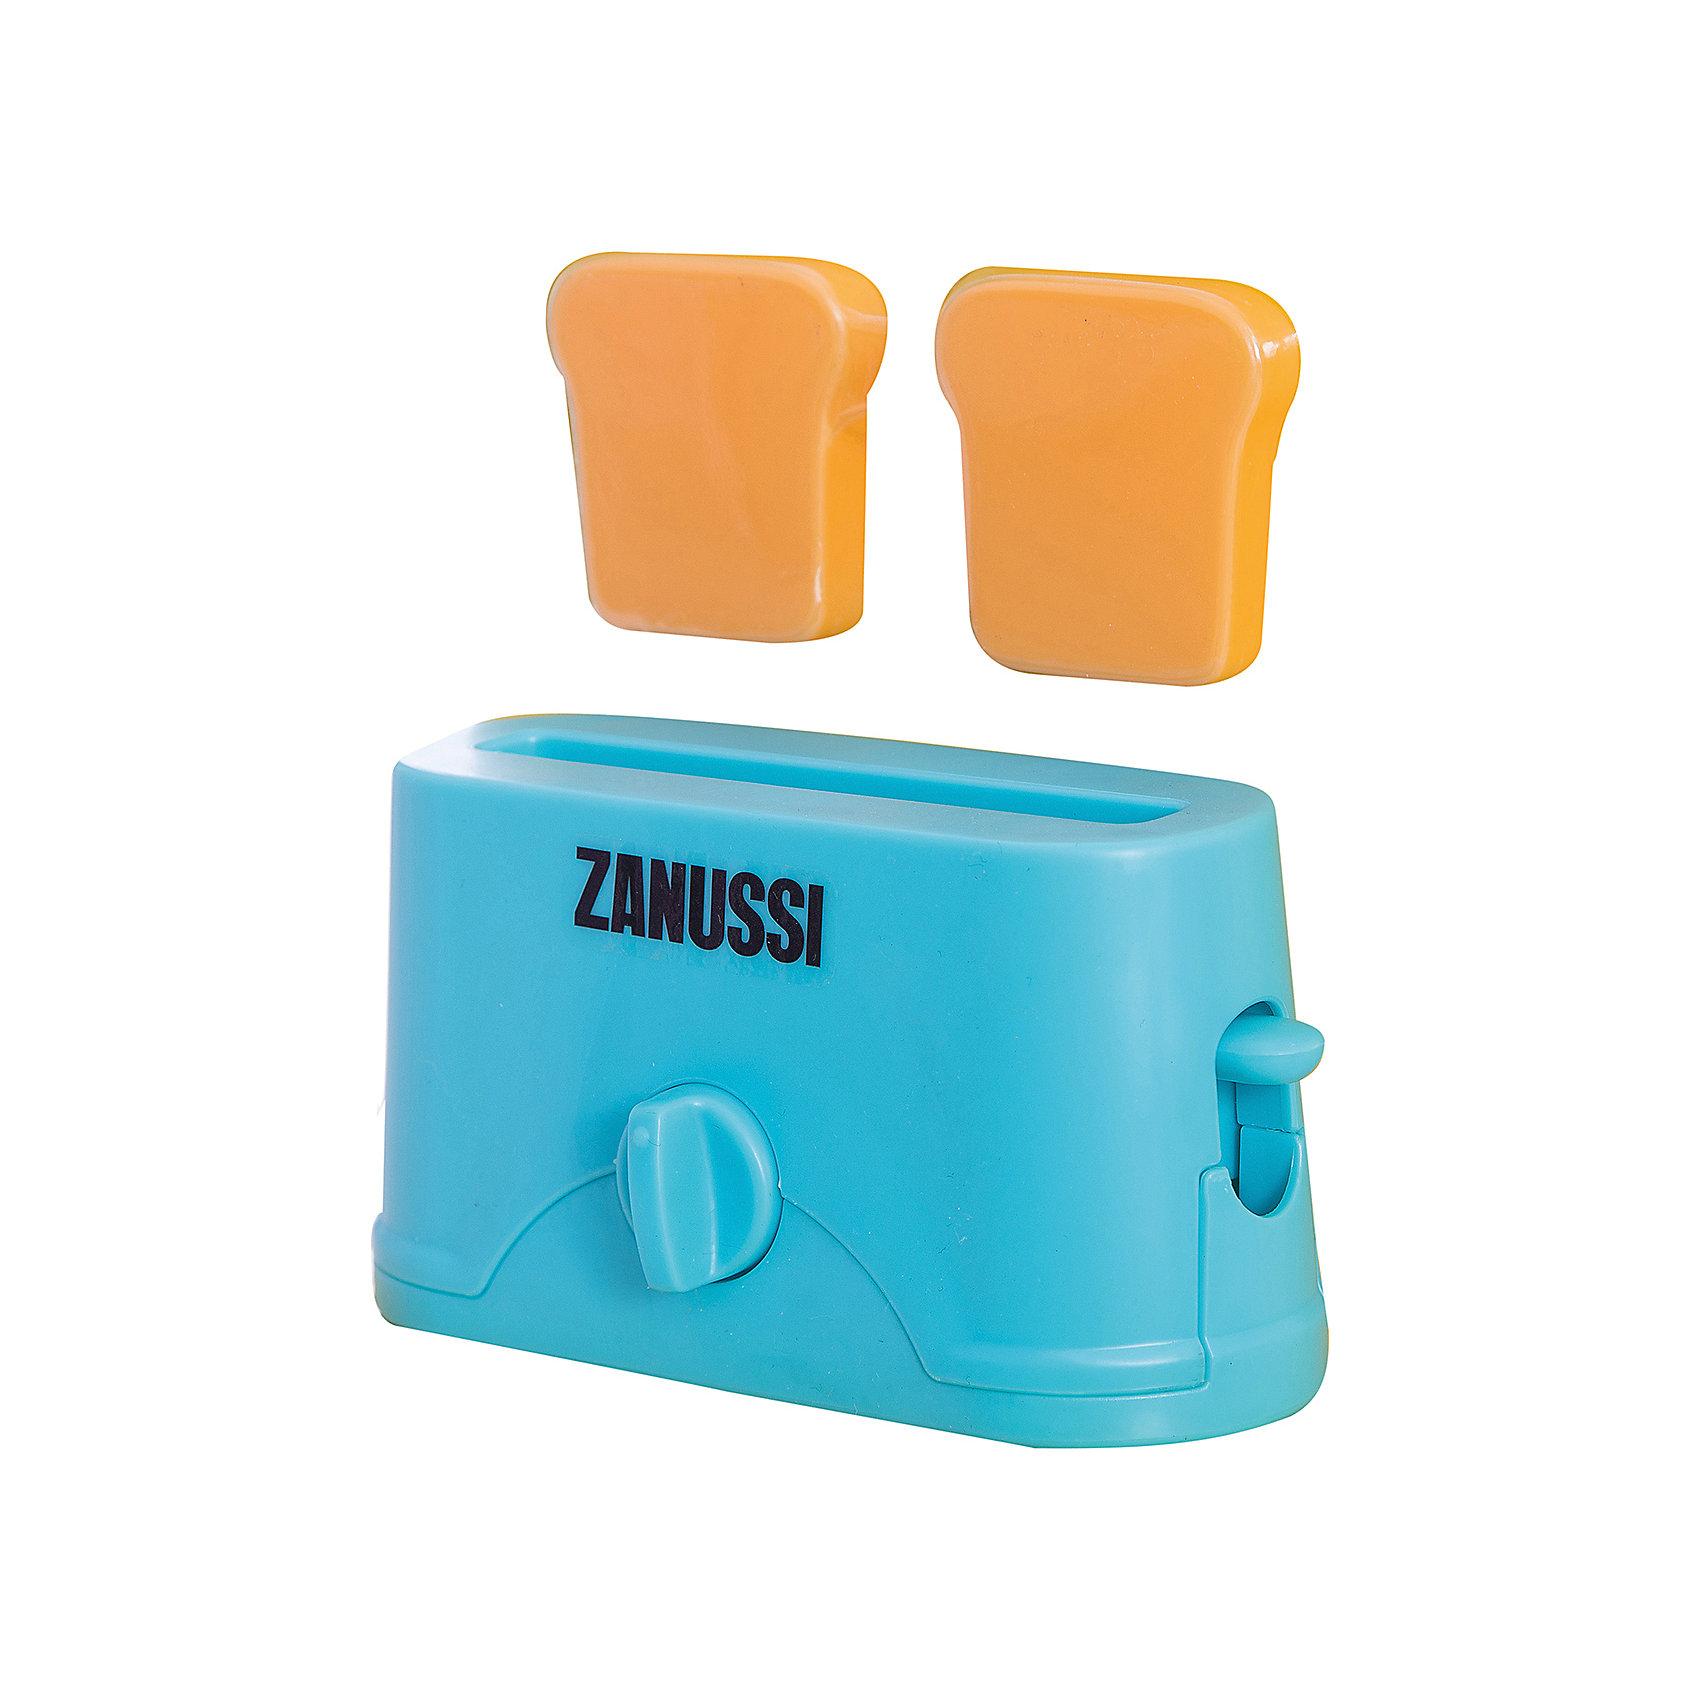 Тостер Zanussi, HTIИгрушечная бытовая техника<br>Тостер Zanussi, HTI.<br><br>Характеристика: <br><br>• Материал: пластик. <br>• Размер: 18,9x17x8 см<br>• Комплектация: тостер, 2 куска хлеба. <br>• Яркий привлекательный дизайн. <br>• Элемент питания: 2 ААА батарейки (не входят в комплект). <br>• Световые и звуковые эффекты. <br><br>Яркий Тостер Zanussi займет достойное место на любой игрушечной кухне! Игрушка прекрасно детализирована и выглядит, как настоящий тостер. При нажатии на рычаг слышится звук таймера, а потом выпрыгивают готовые тосты, световые эффекты включаются кнопкой. Тостер изготовлен из высококачественного прочного пластика безопасного для детей.<br><br>Тостер Zanussi, HTI, можно купить в нашем интернет-магазине.<br><br>Ширина мм: 189<br>Глубина мм: 170<br>Высота мм: 80<br>Вес г: 200<br>Возраст от месяцев: 36<br>Возраст до месяцев: 168<br>Пол: Женский<br>Возраст: Детский<br>SKU: 5366536